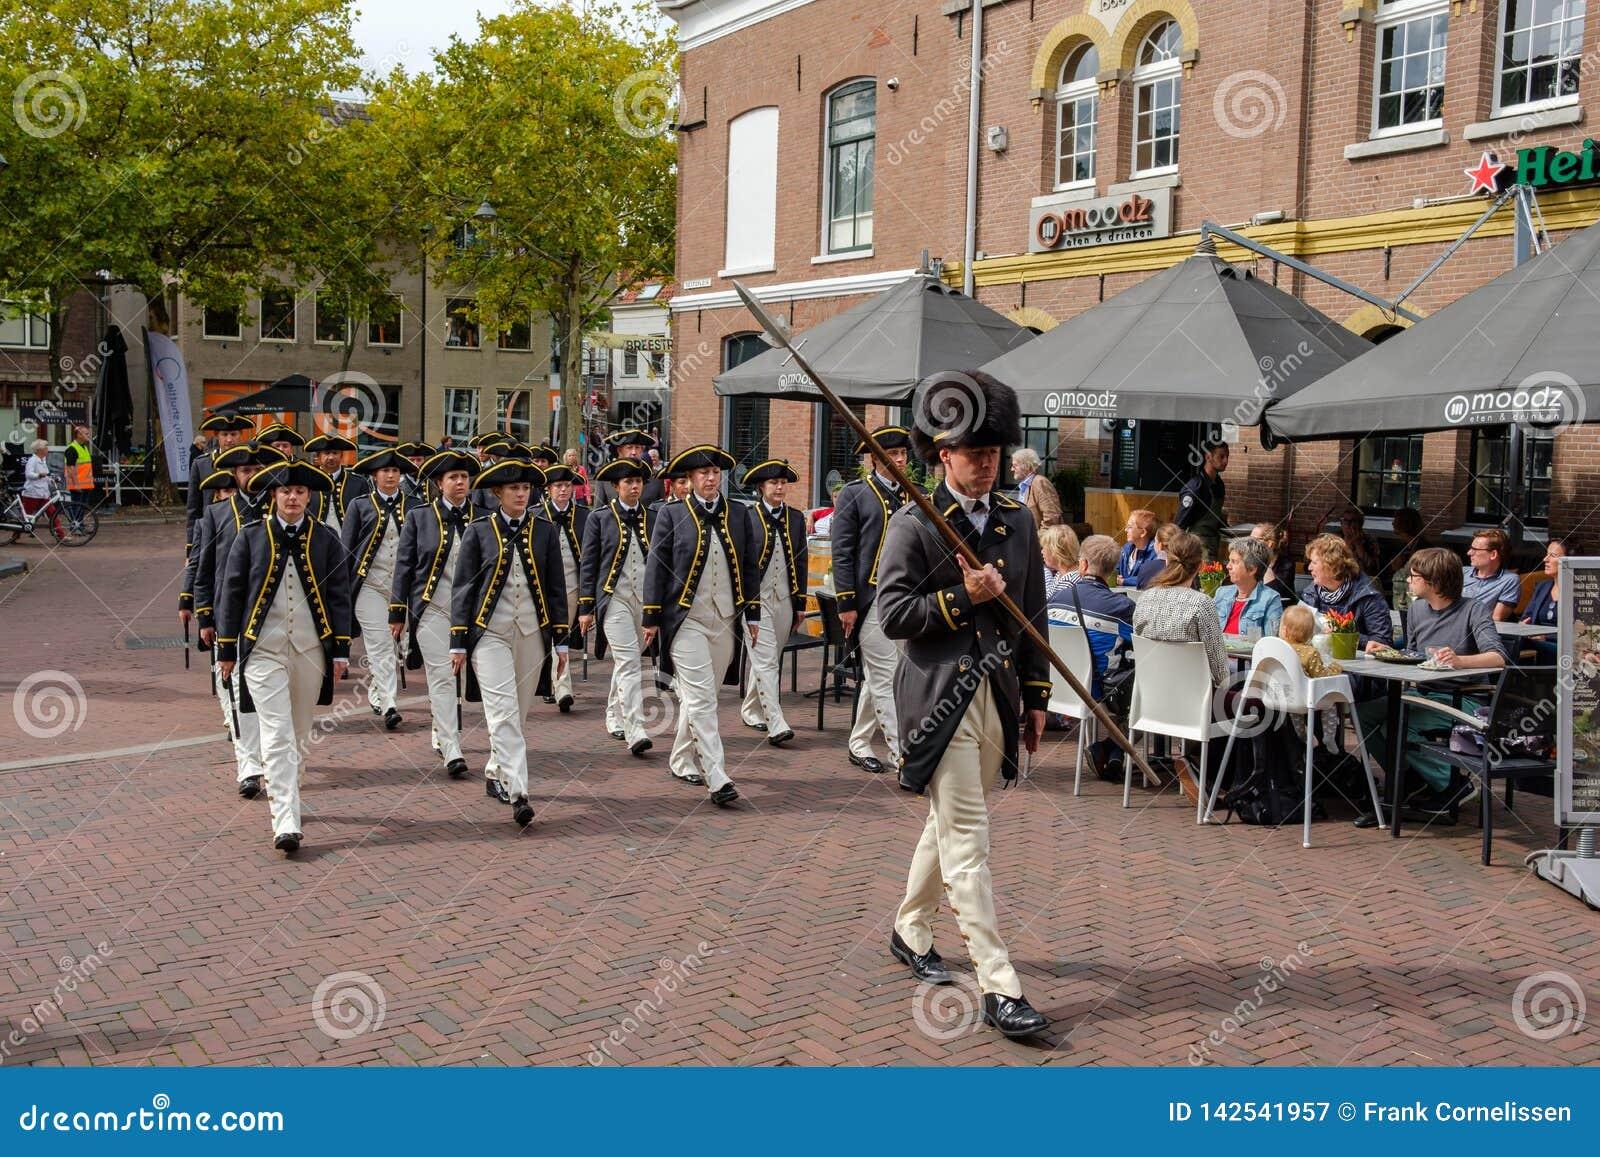 Grey Coats Fife en het trommelkorps marcheren door de straten van Delft